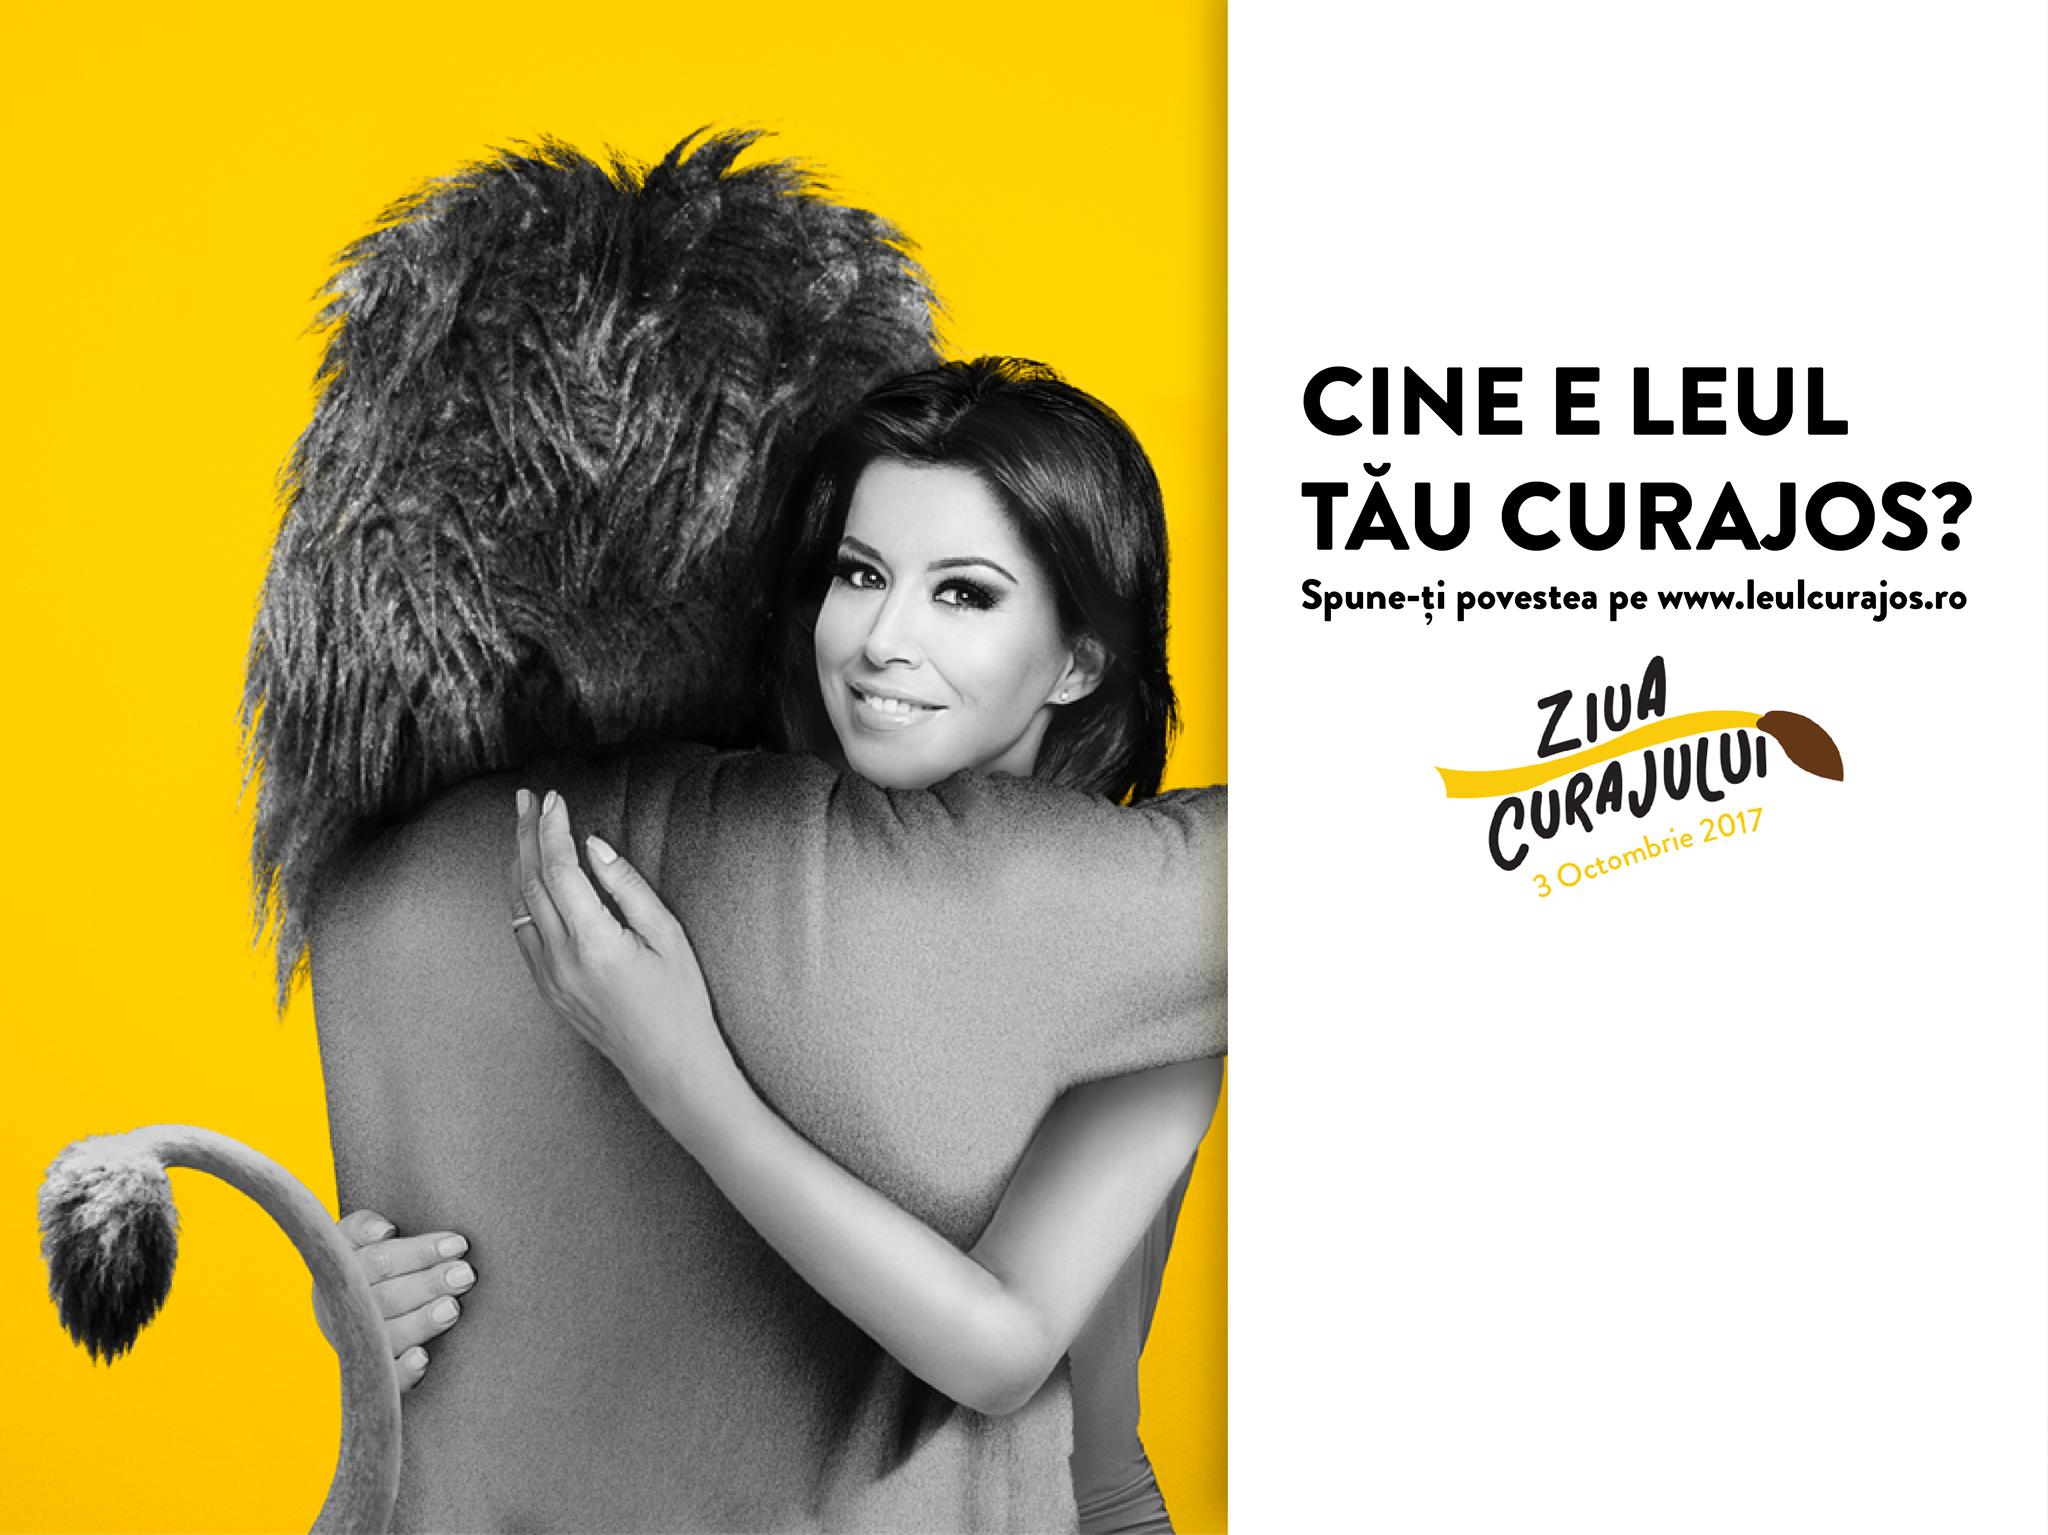 Asociația Little People lansează campania socială:  Cine este Leul tău curajos?